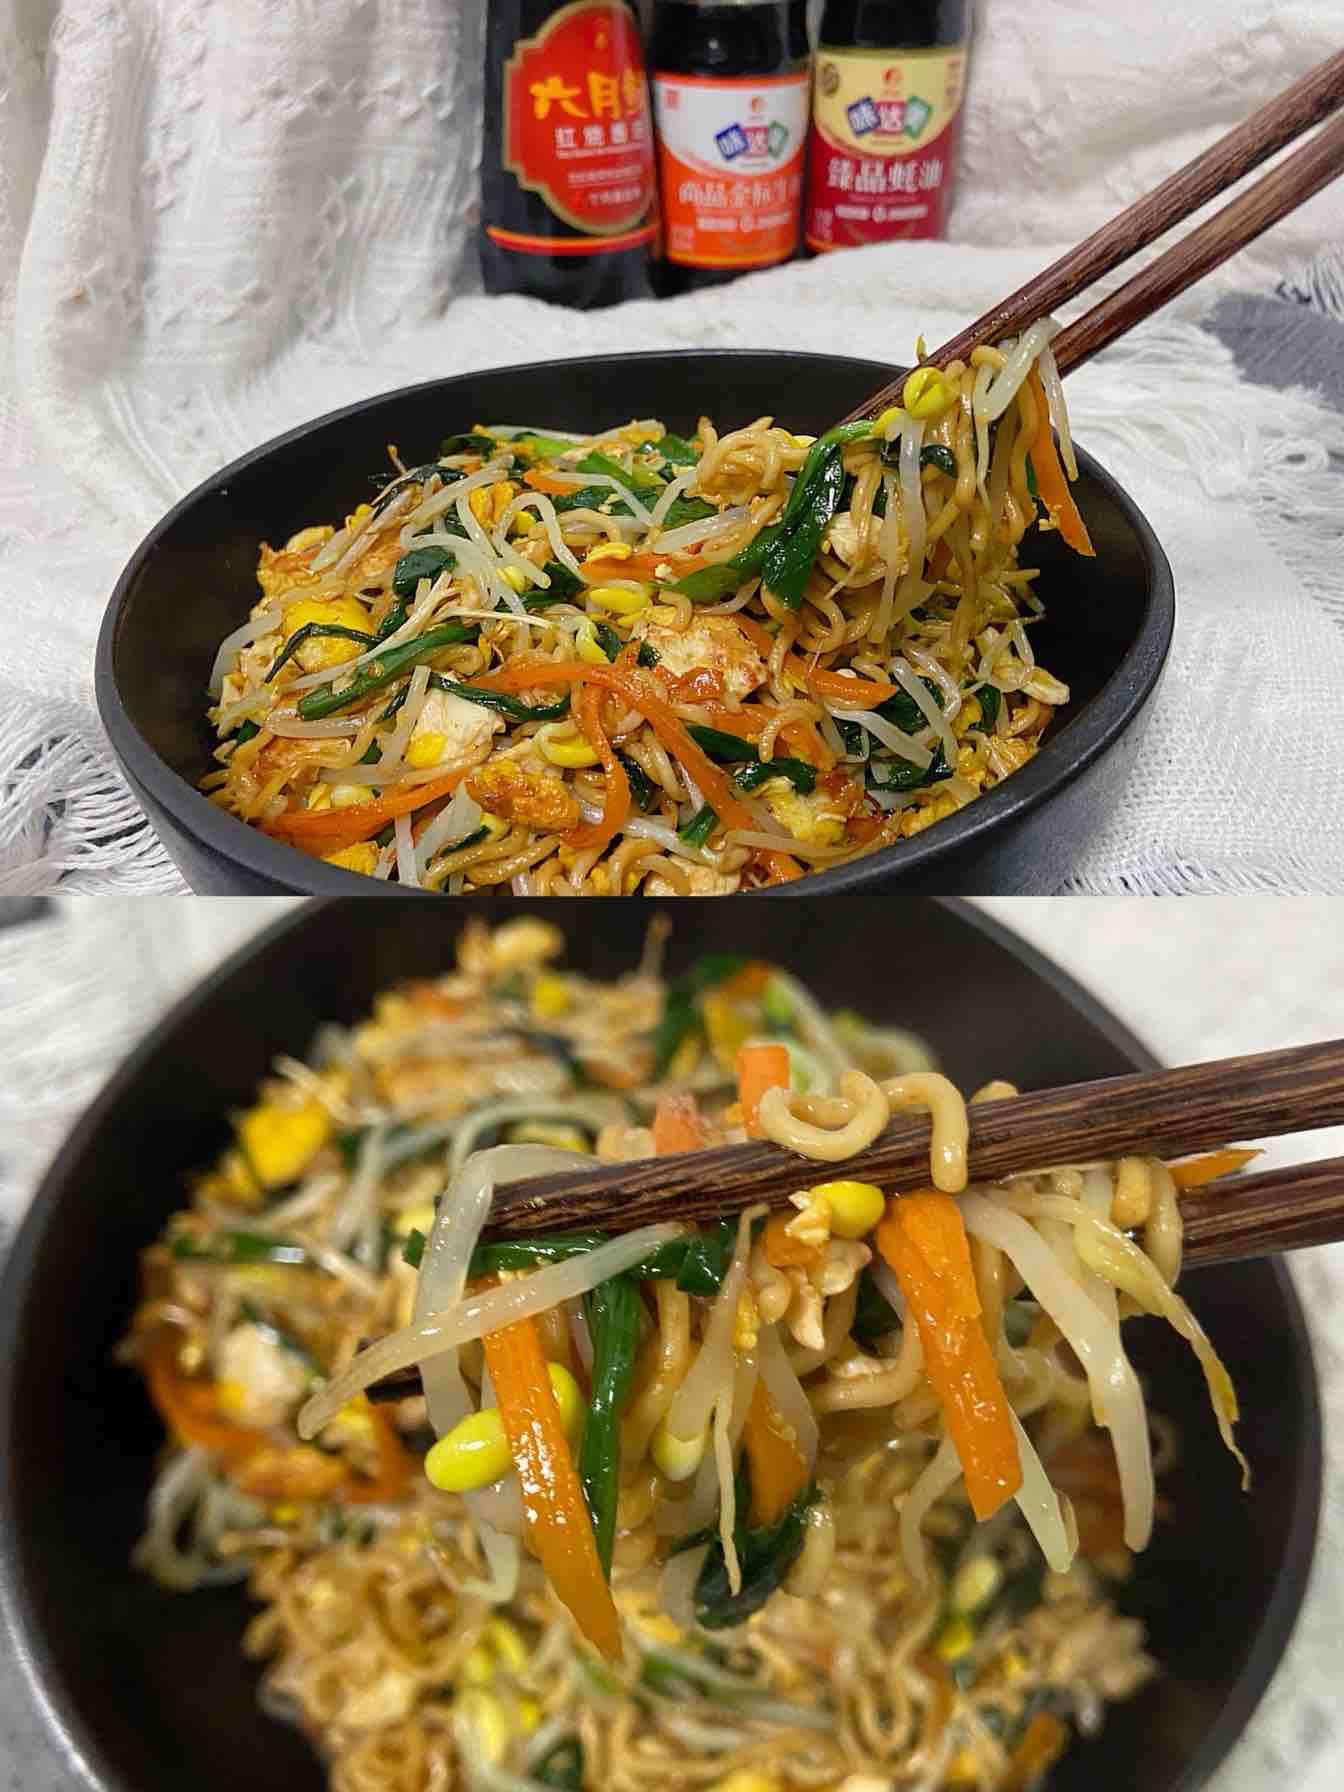 二月韭菜正当时之韭菜炒面的做法